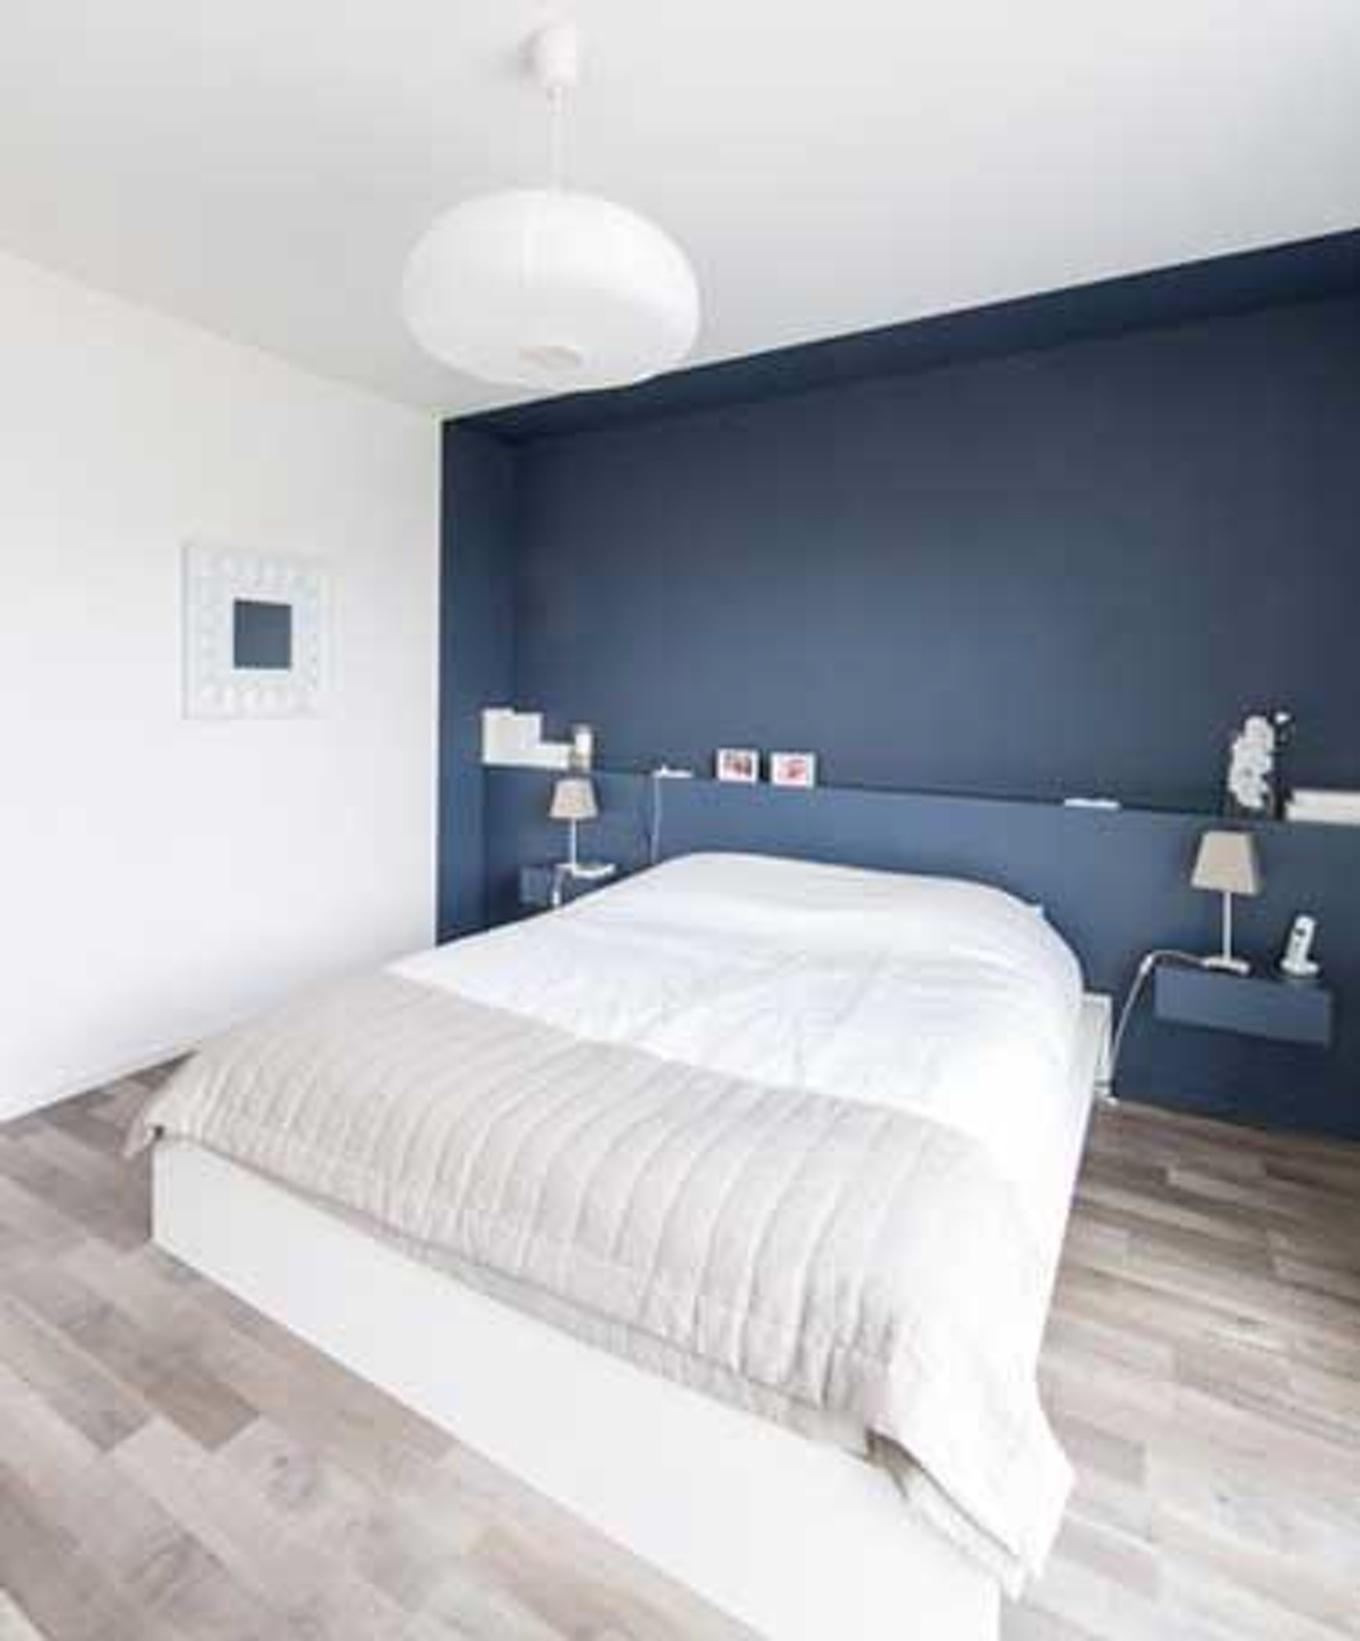 Peindre mur 2 couleurs for Peindre porte interieure 2 couleurs